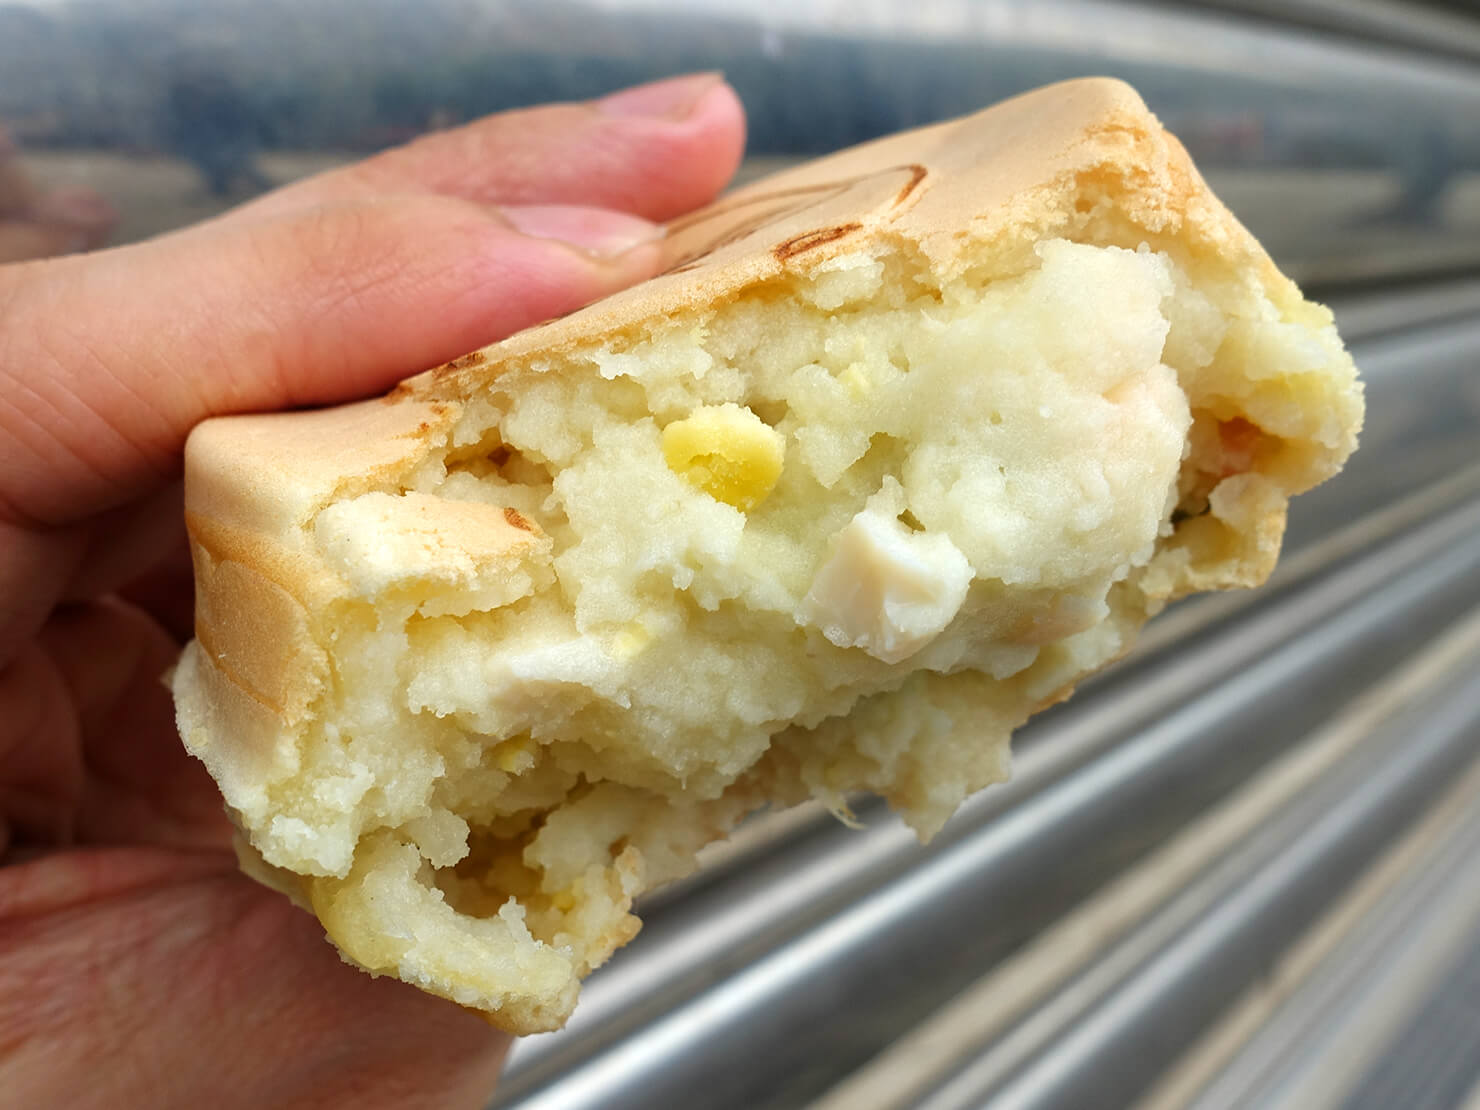 台北・公館夜市のおすすめグルメ店「兩點」の馬鈴薯沙拉